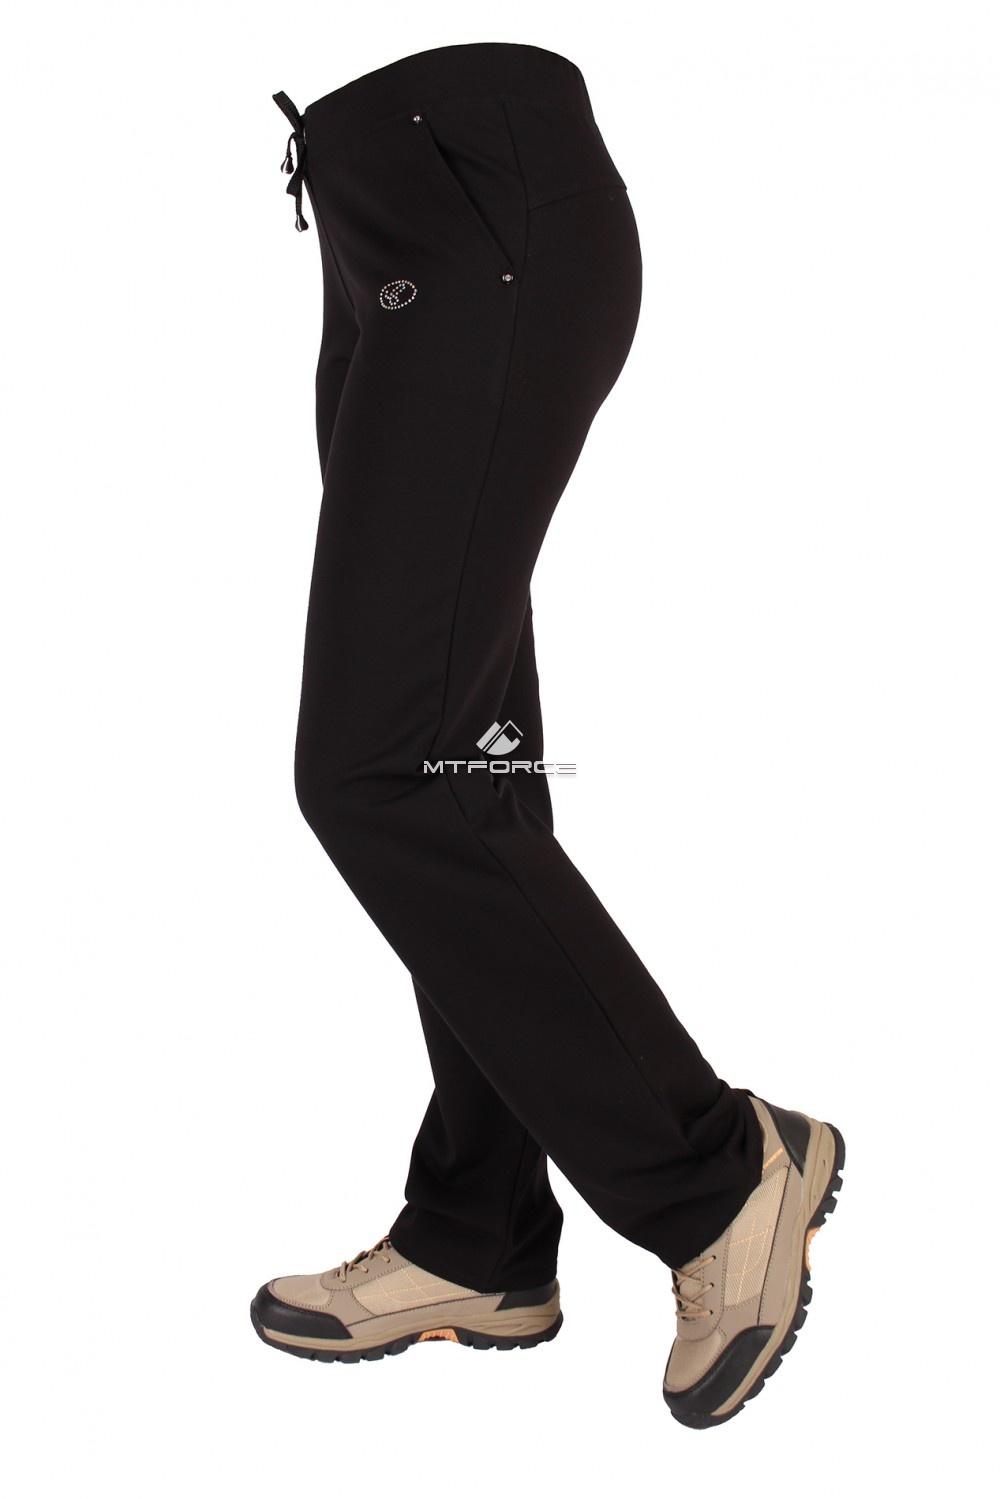 Купить                                      оптом Брюки трикотажные женские черного цвета 015Ch в Нижнем Новгороде